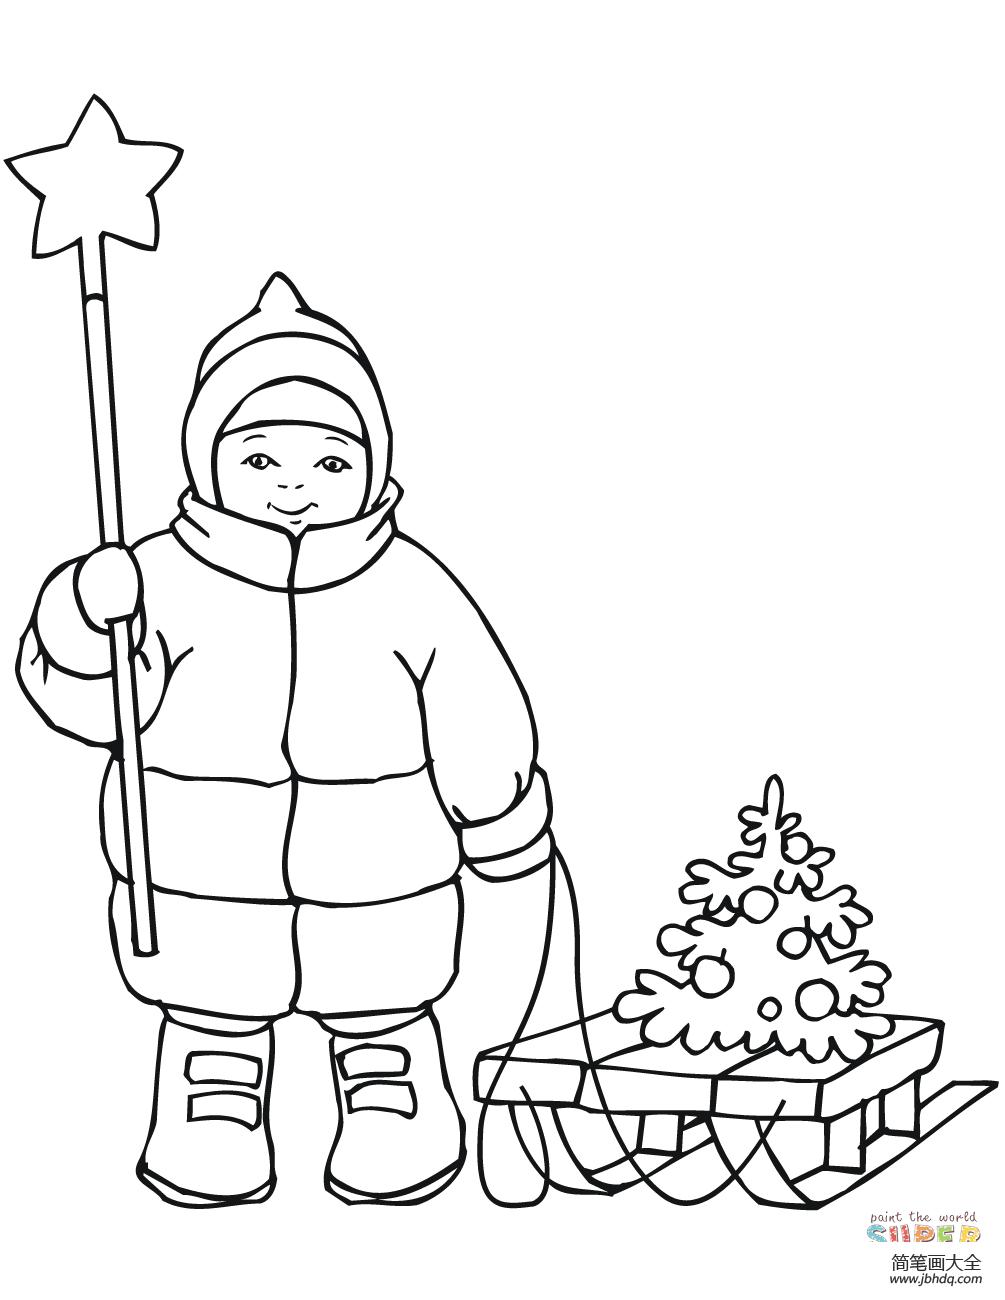 可爱男孩头像|可爱的男孩拿着圣诞星